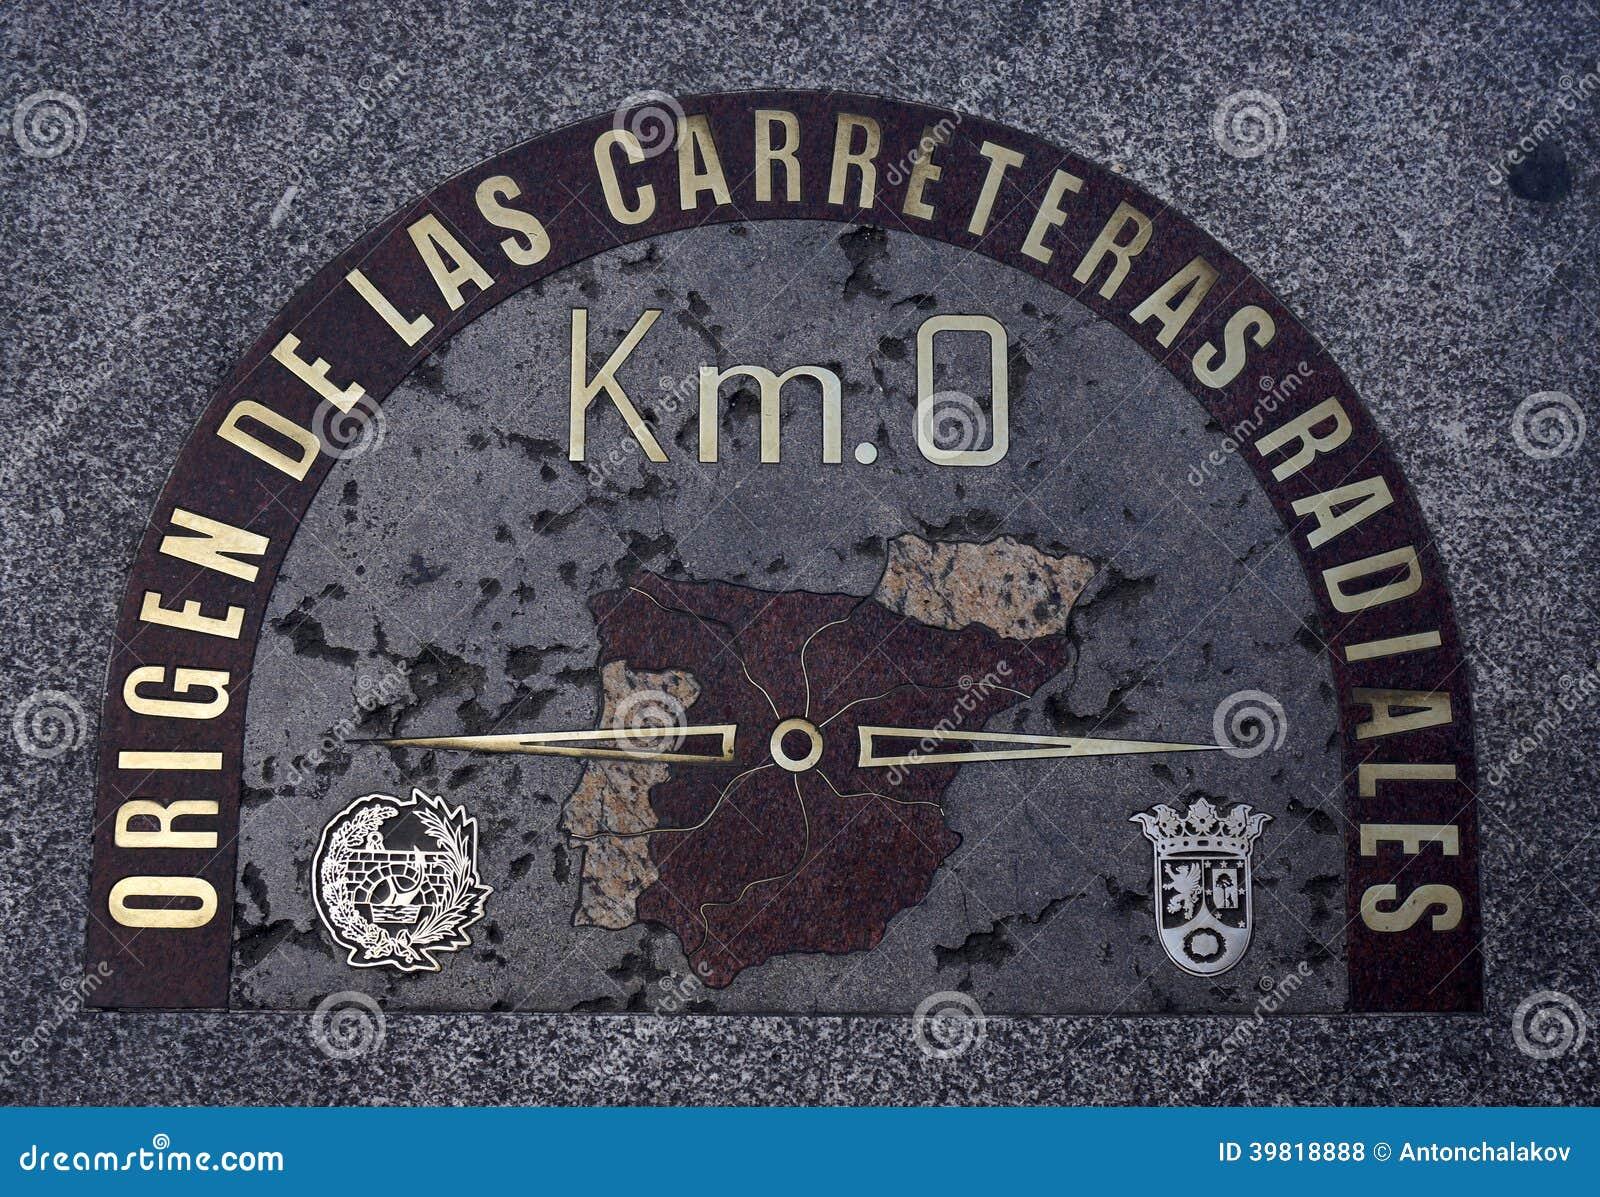 Km 0 madrid puerta del sol images for Kilometro 0 puerta del sol